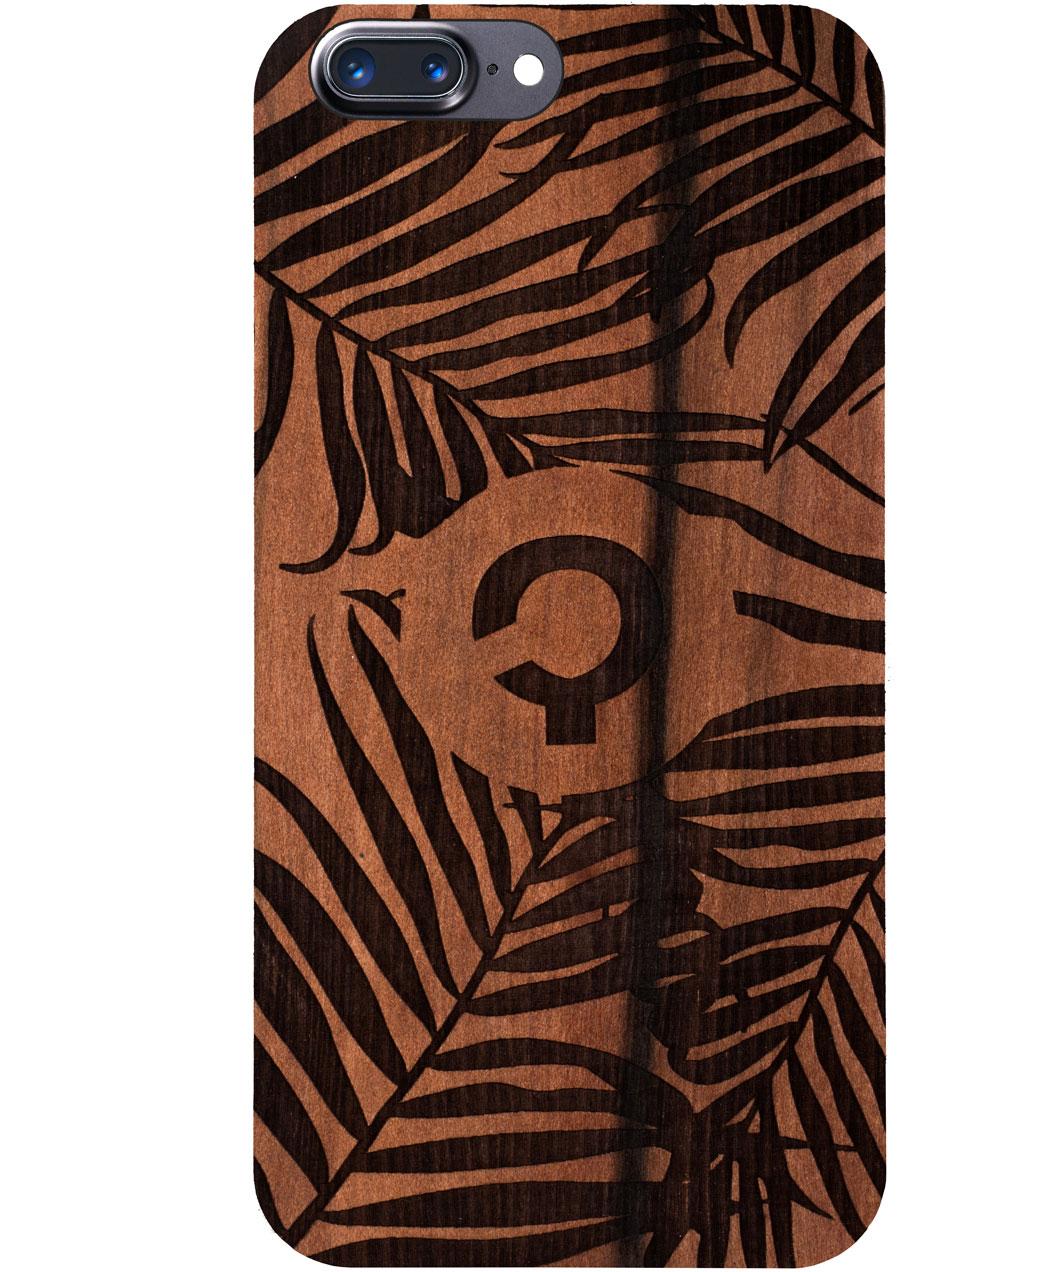 Wooden-case-iphone-7-plus-jablon-jungle